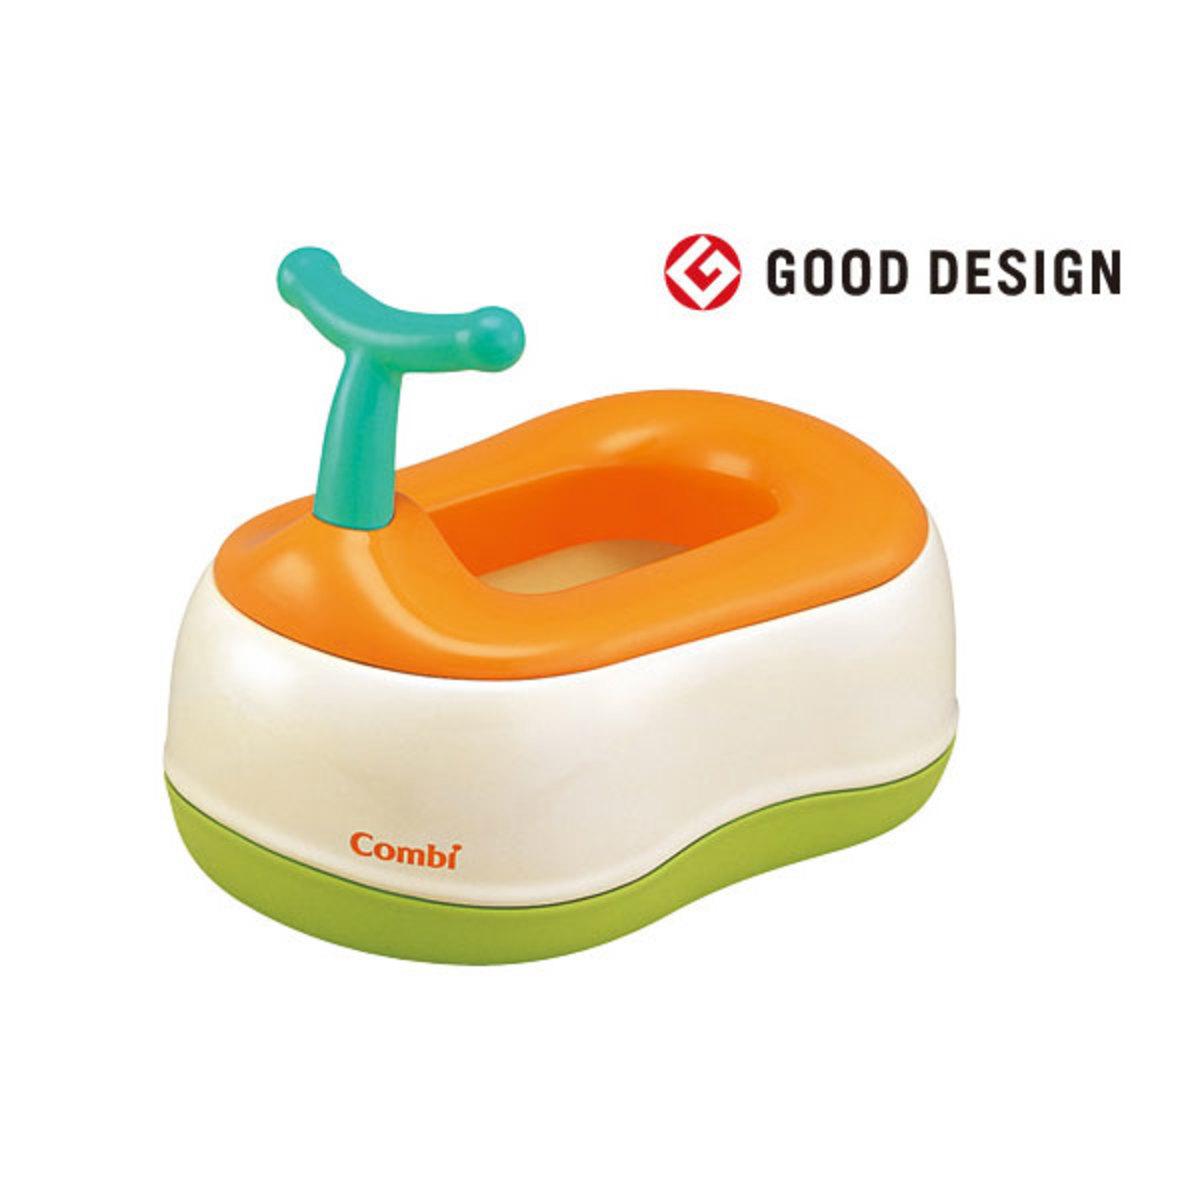 學習廁所套裝 step1234 4972990167819